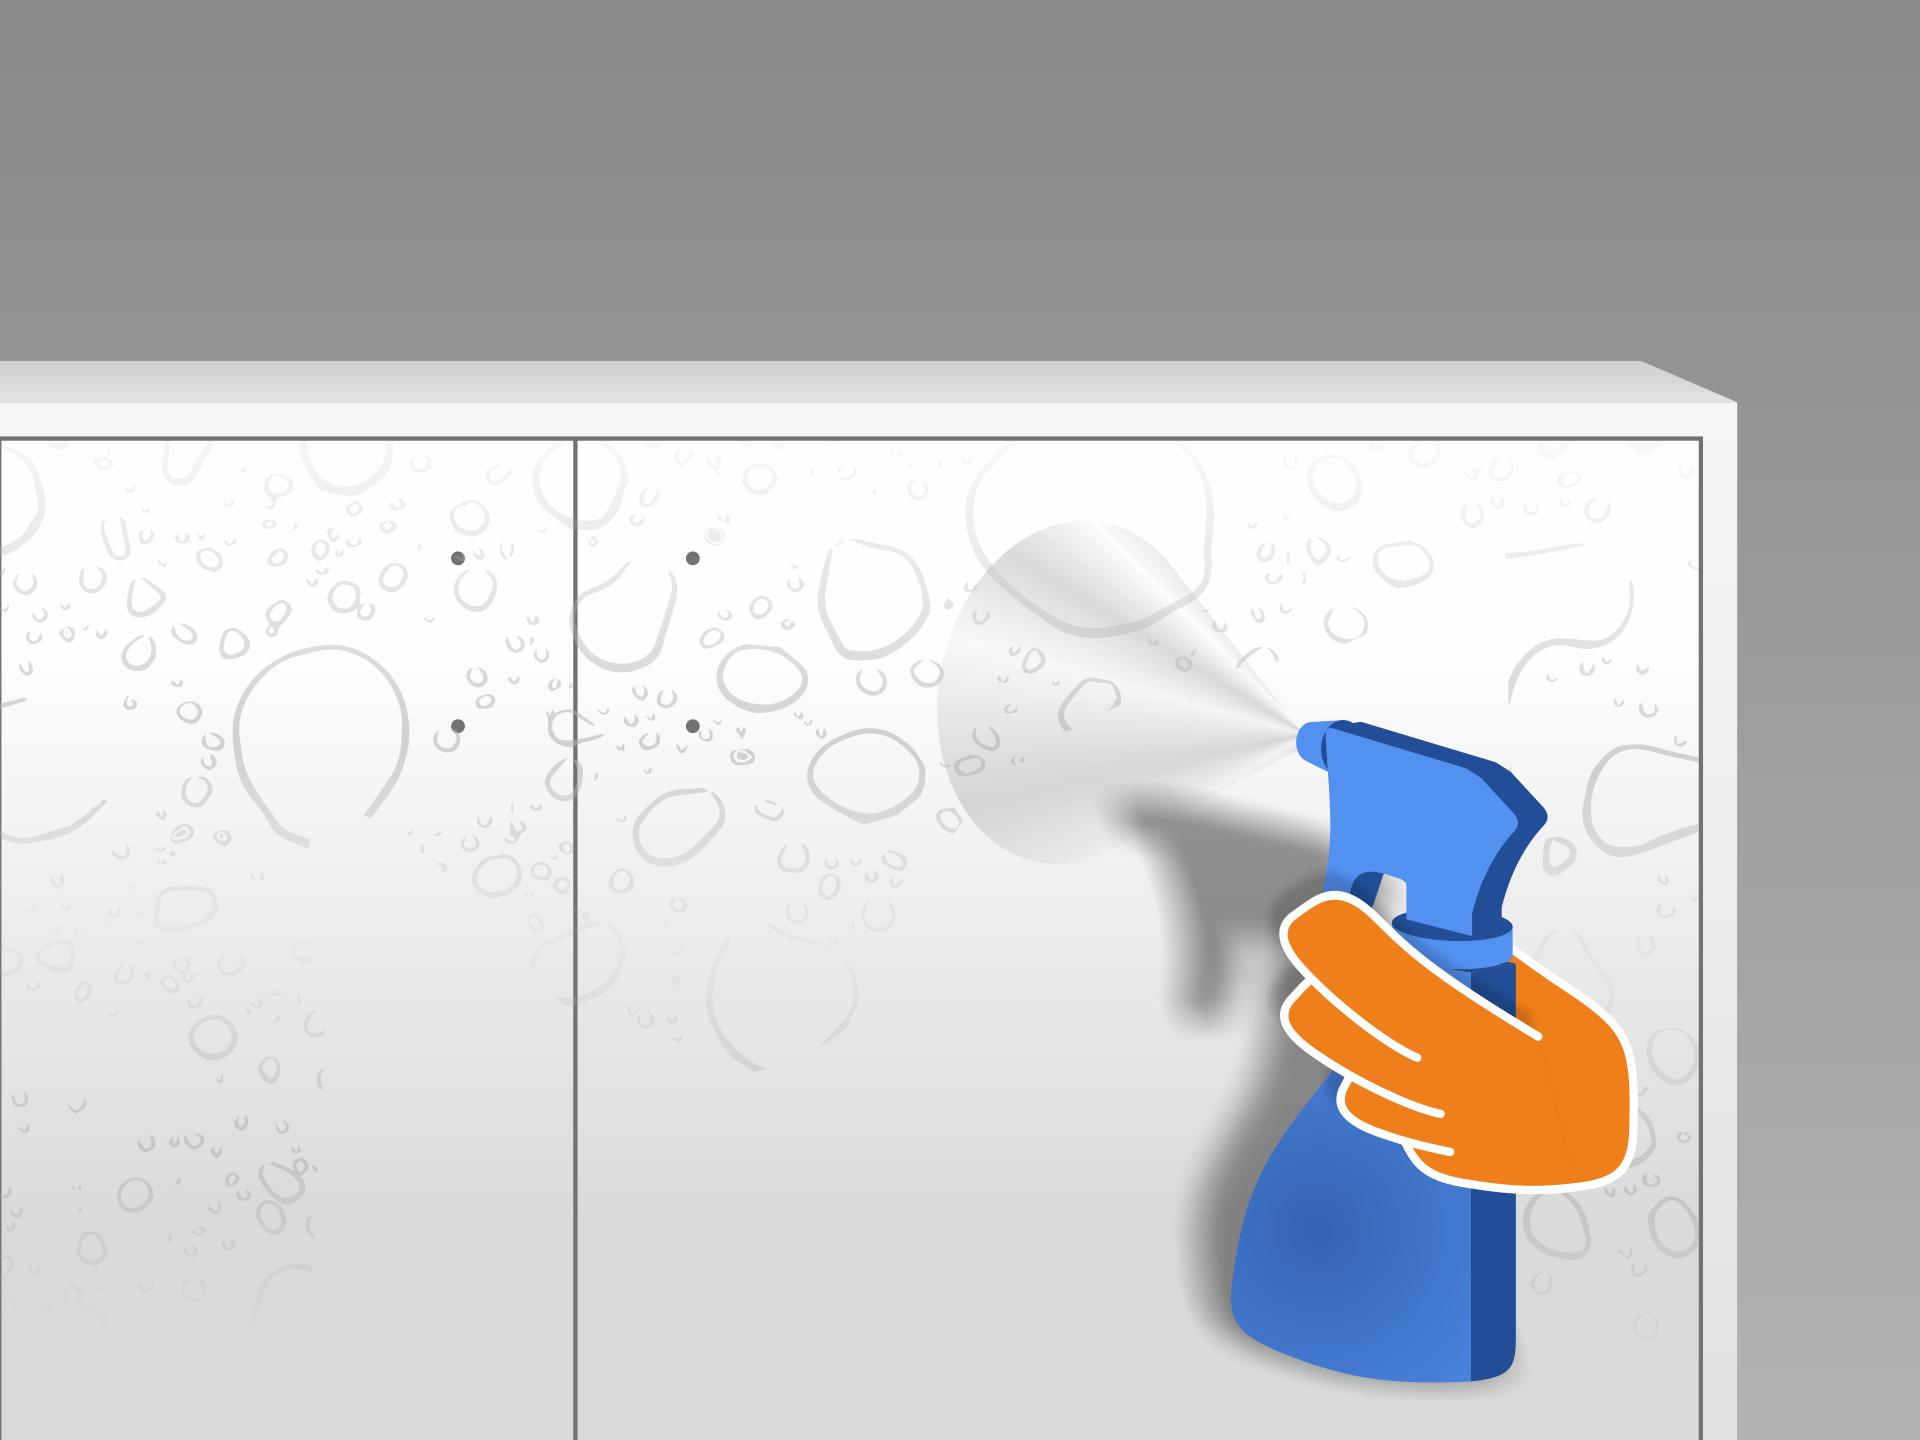 Jetzt die Möbelfläche mit dem Wasser-Spülmittel-Gemisch gleichmäßig besprühen. Dann das Trägerpapier vorsichtig von der Folie lösen und auch die Klebeseite besprühen. Montiert Ihr zu zweit? Dann kann Person 1 die Folie in der Luft halten, während Person 2 das Trägerpapier abzieht und die Klebeseite besprüht.